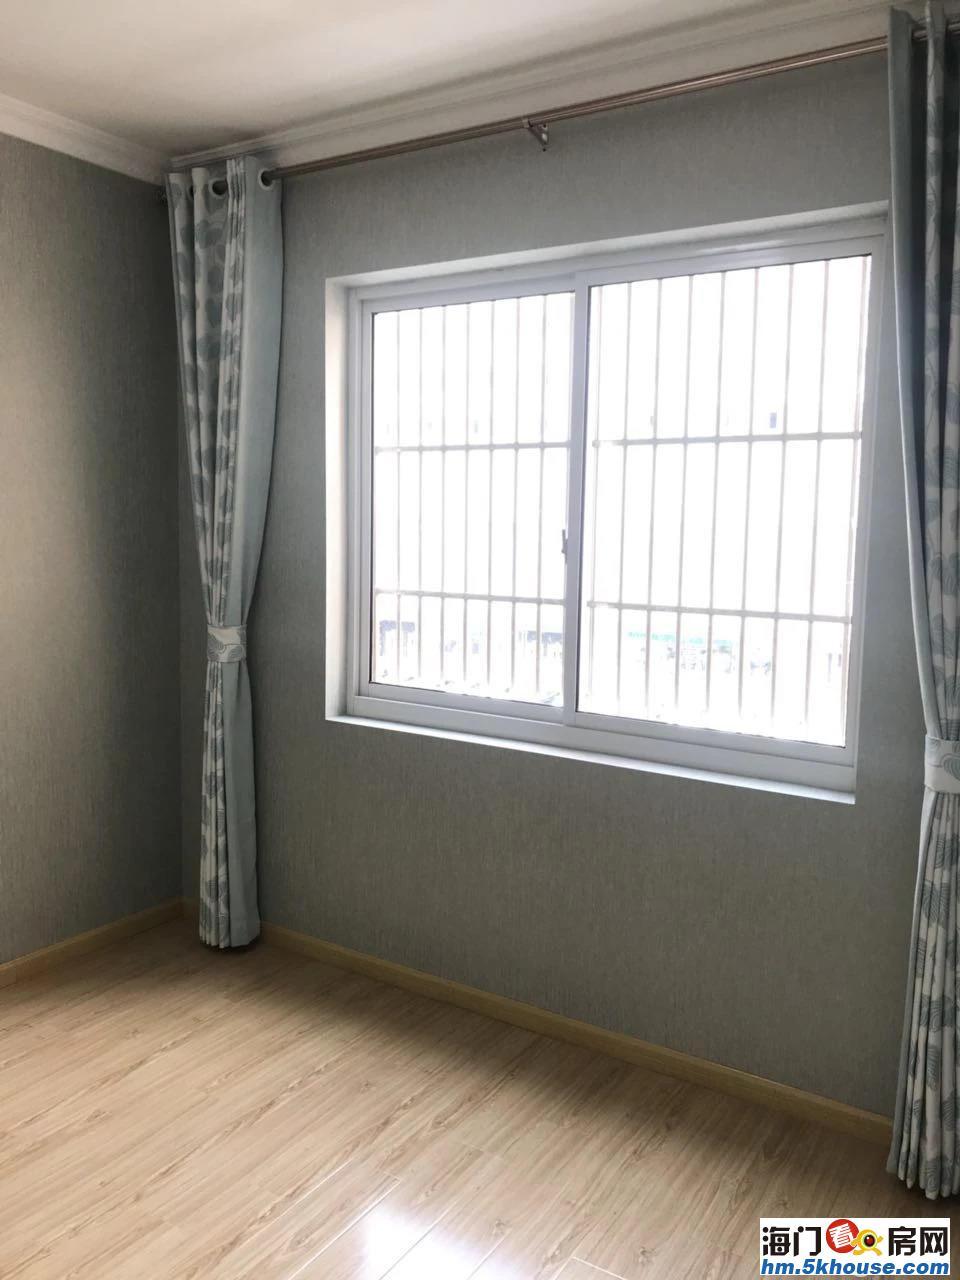 上东洲本部学校东风新村4层干净装修3居室带小车库拎包入住